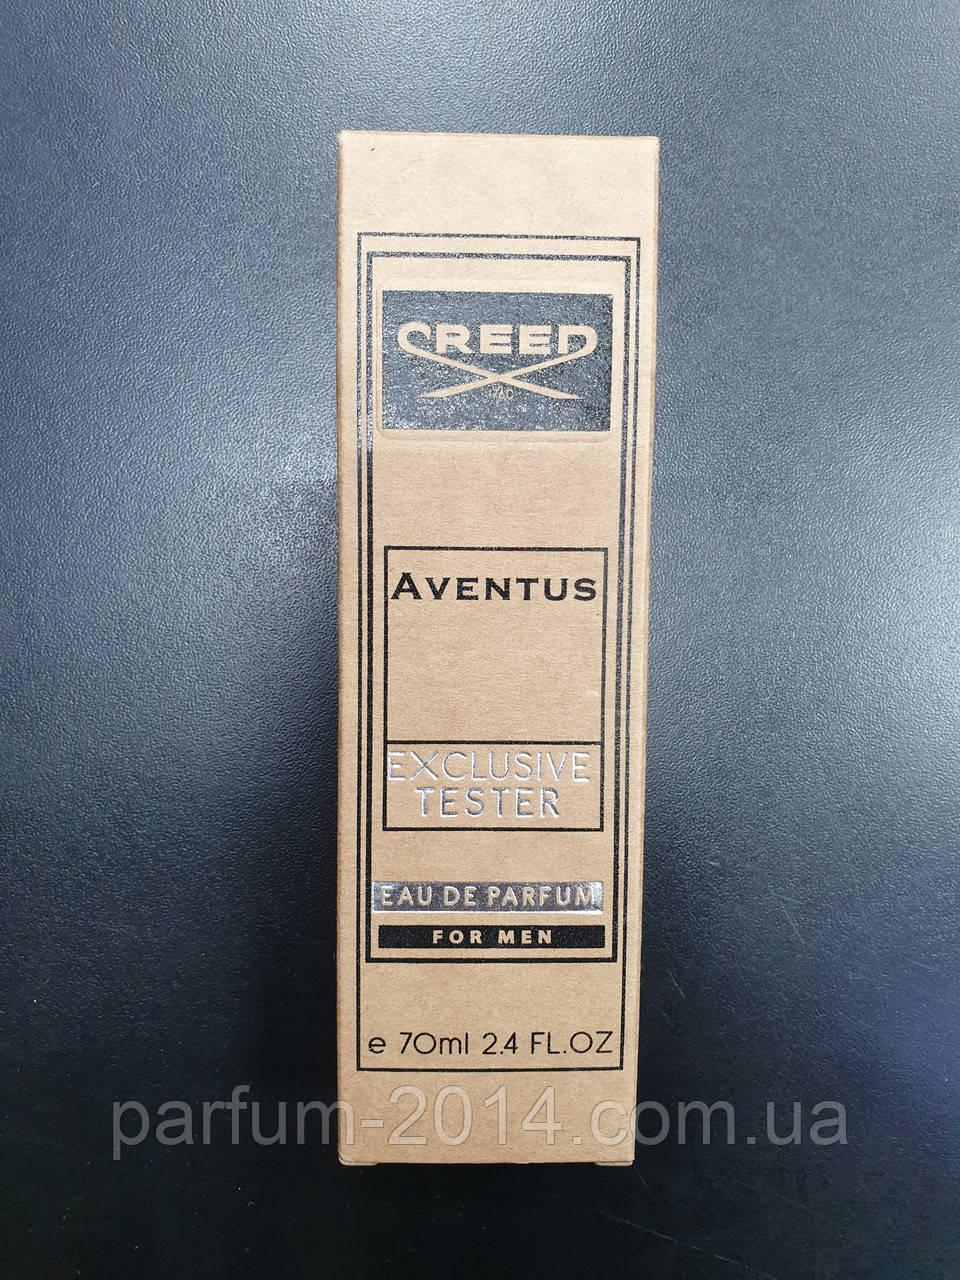 Эксклюзивный тестер Creed Aventus homme 70 ml ОАЭ (реплика)